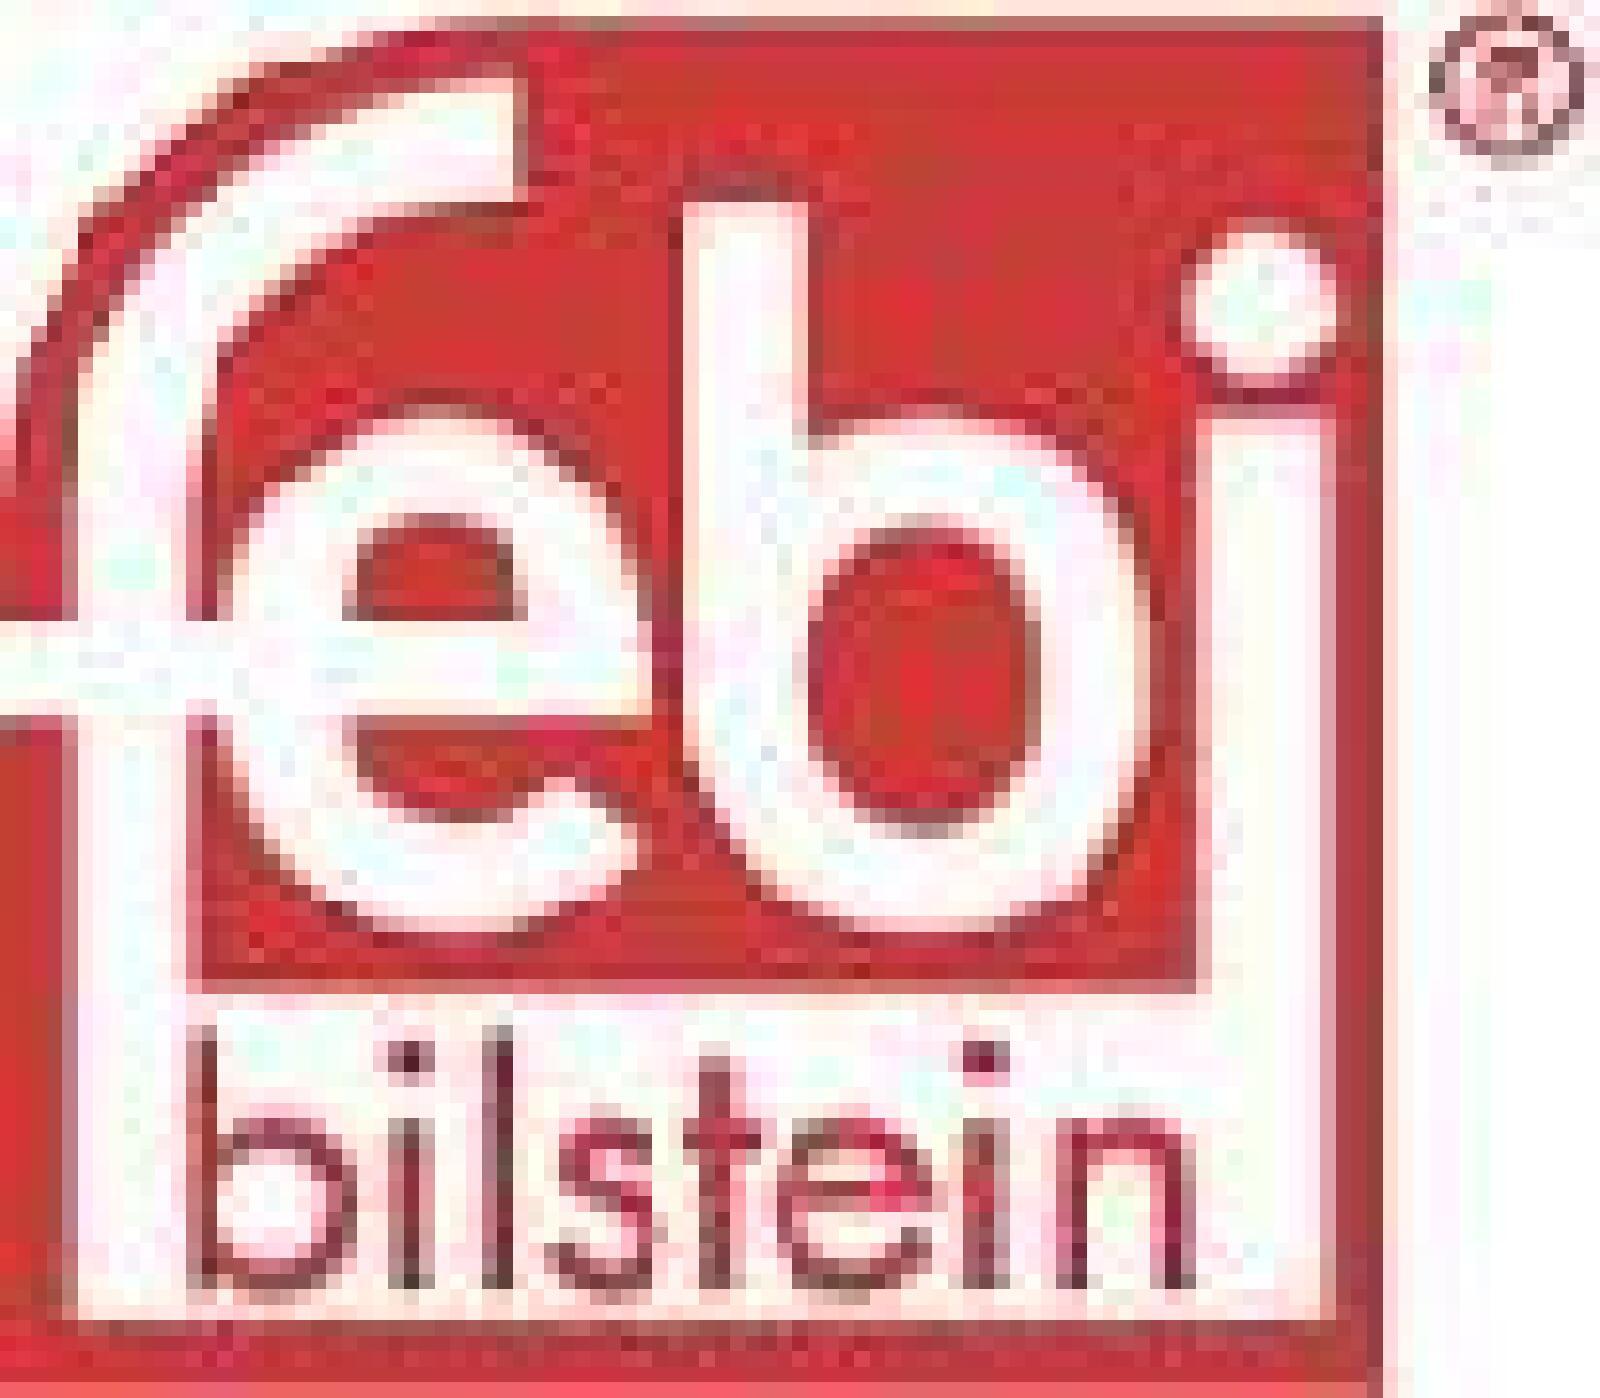 FEBI-BILSTEIN-Sensor-fuer-Abgastemperatur-Sensor-Abgastemperatur-49263